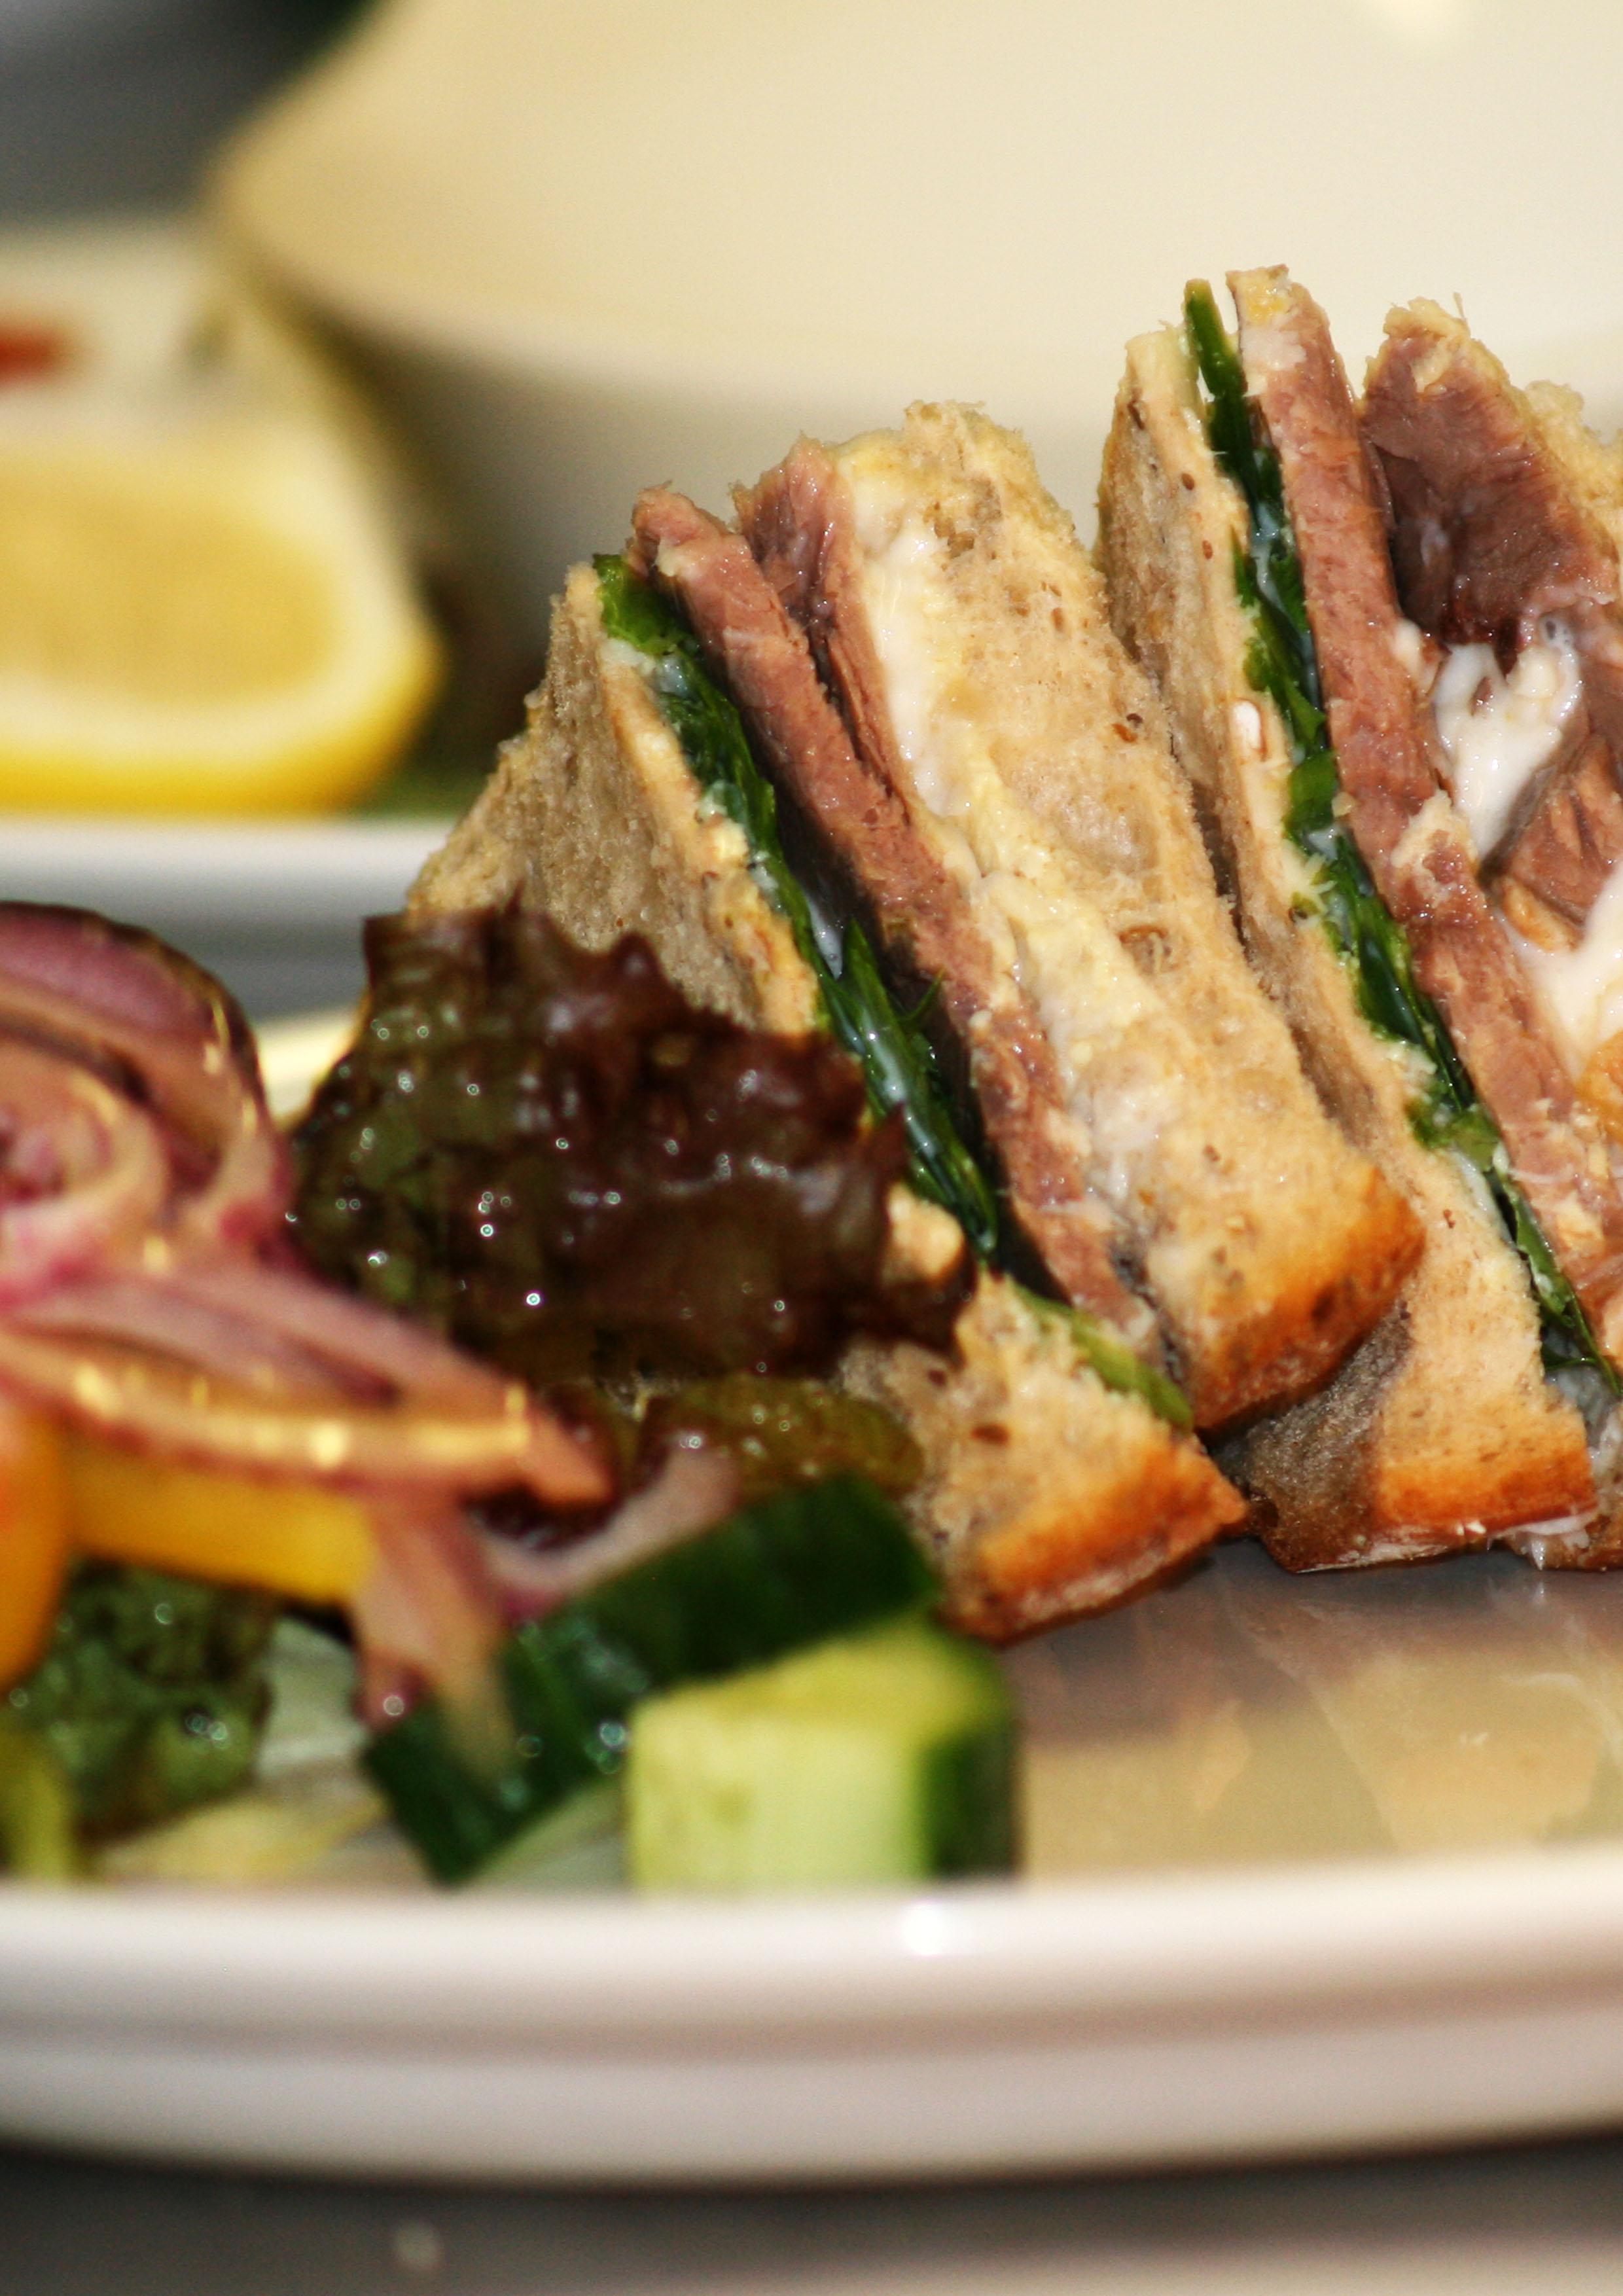 Beef sandwich 1.jpg